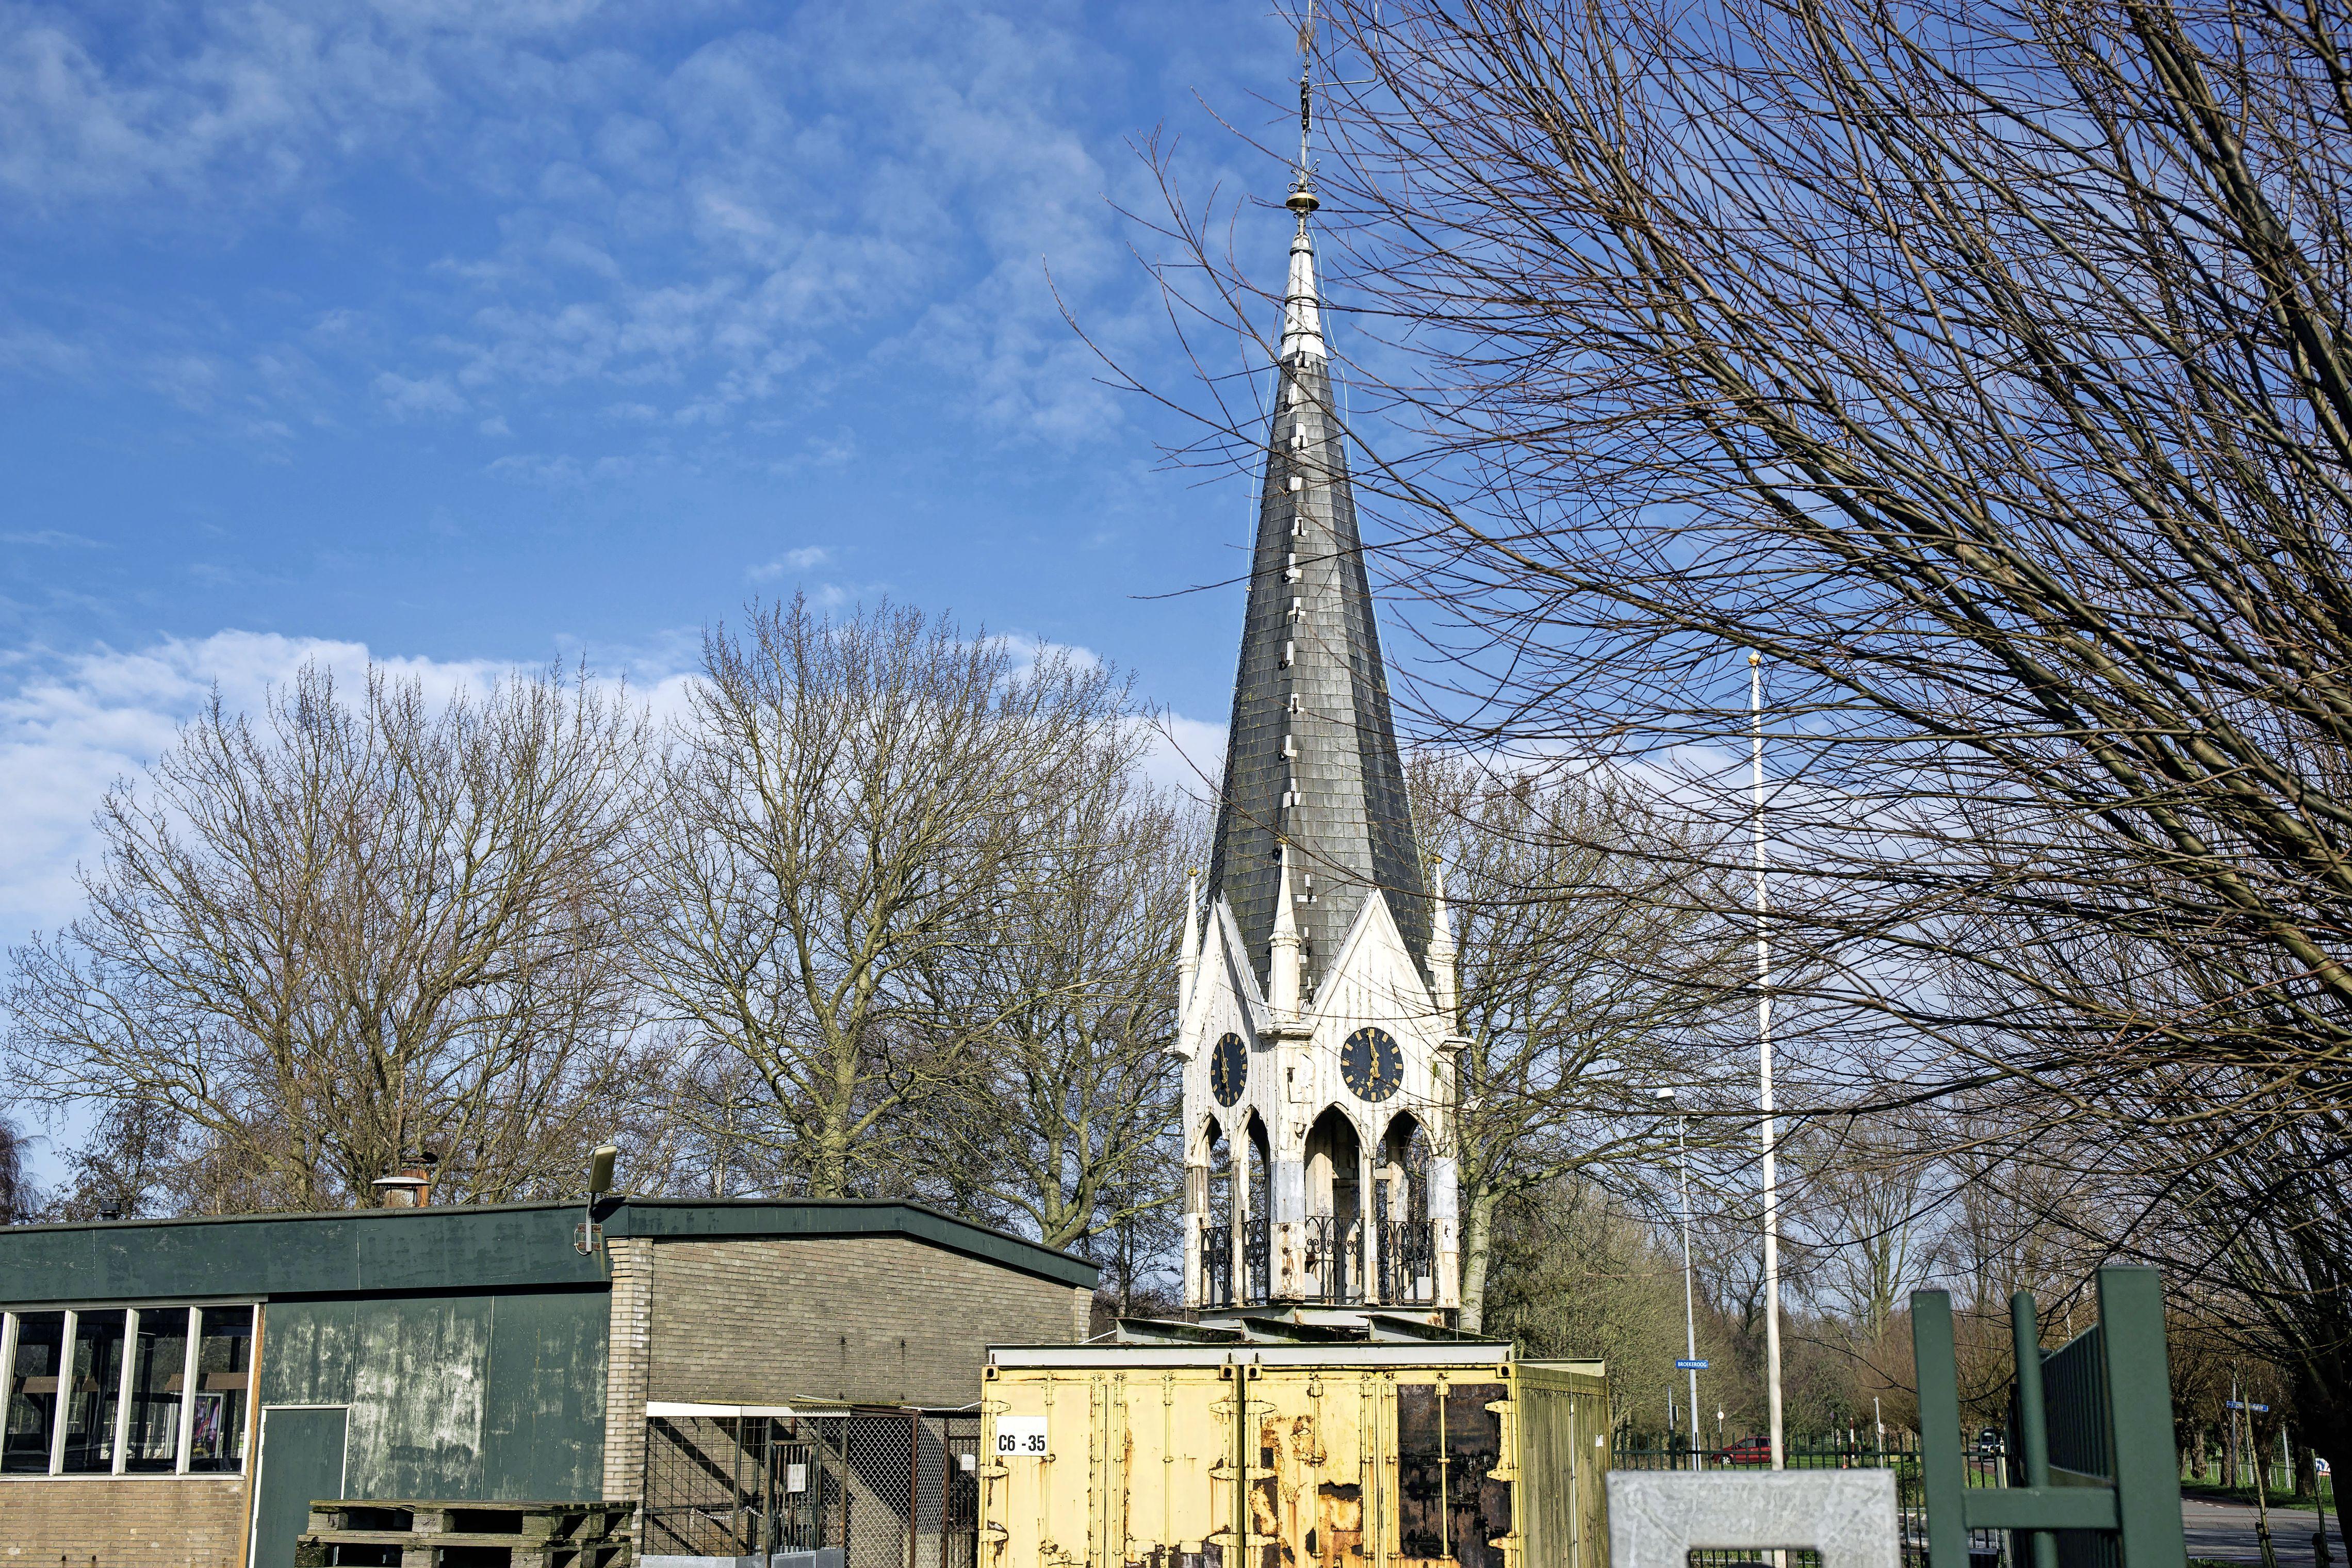 Het hing er nog heel erg om, maar oude torentje Deo-ziekenhuis krijgt tóch plek op kerk in Friese Vinkega